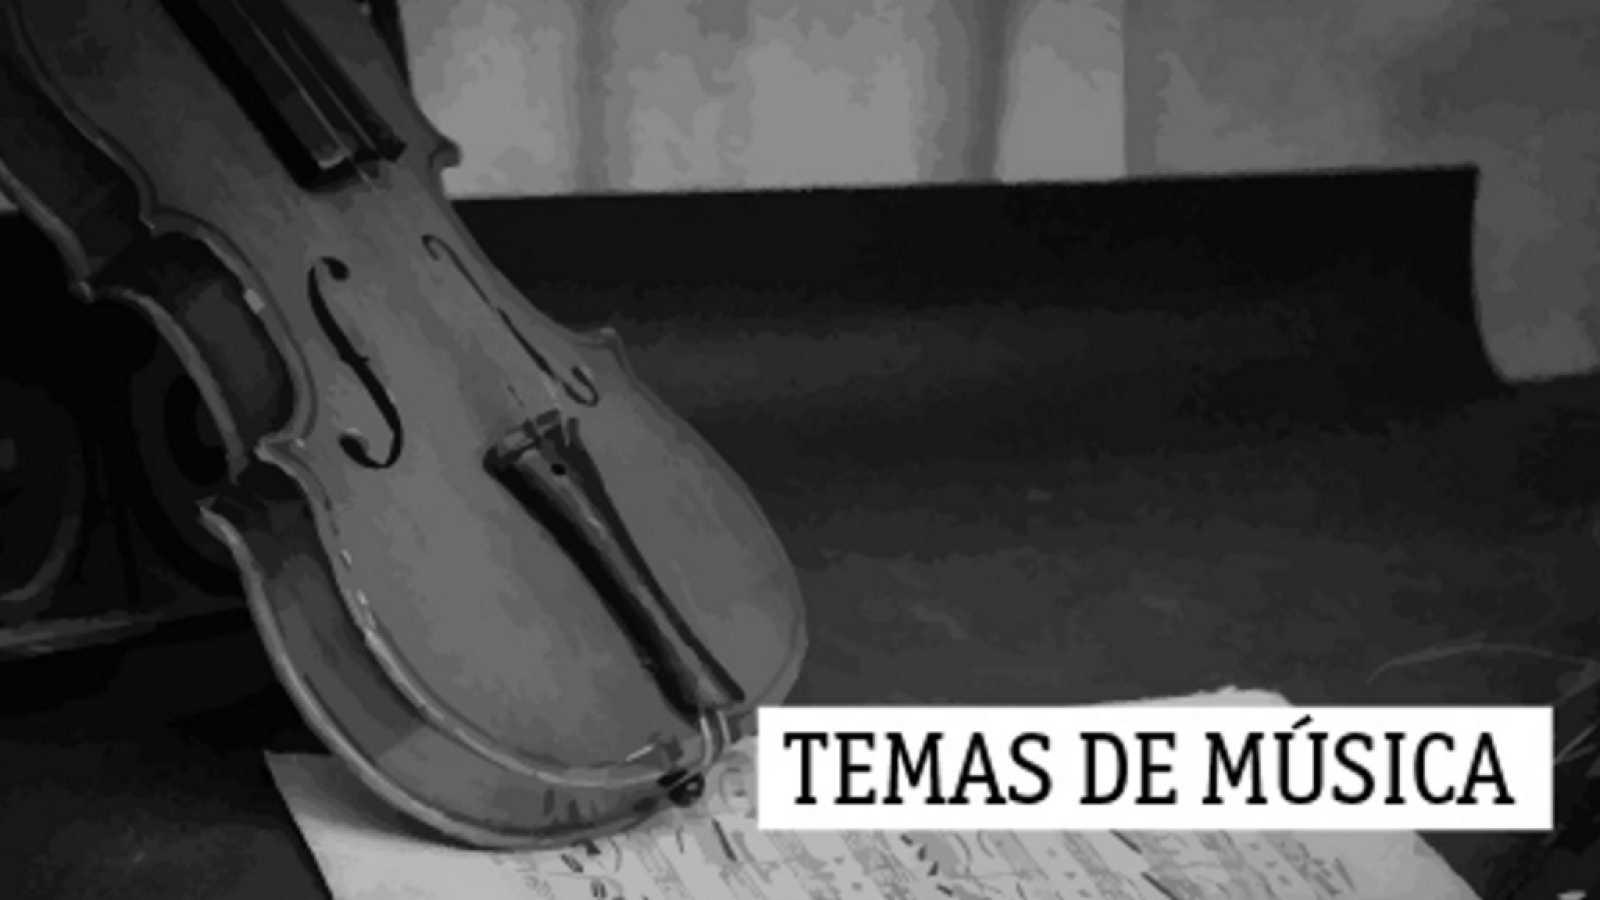 Temas de música - Farinelli en España. La leyenda del artista (III) - 08/05/21 - escuchar ahora